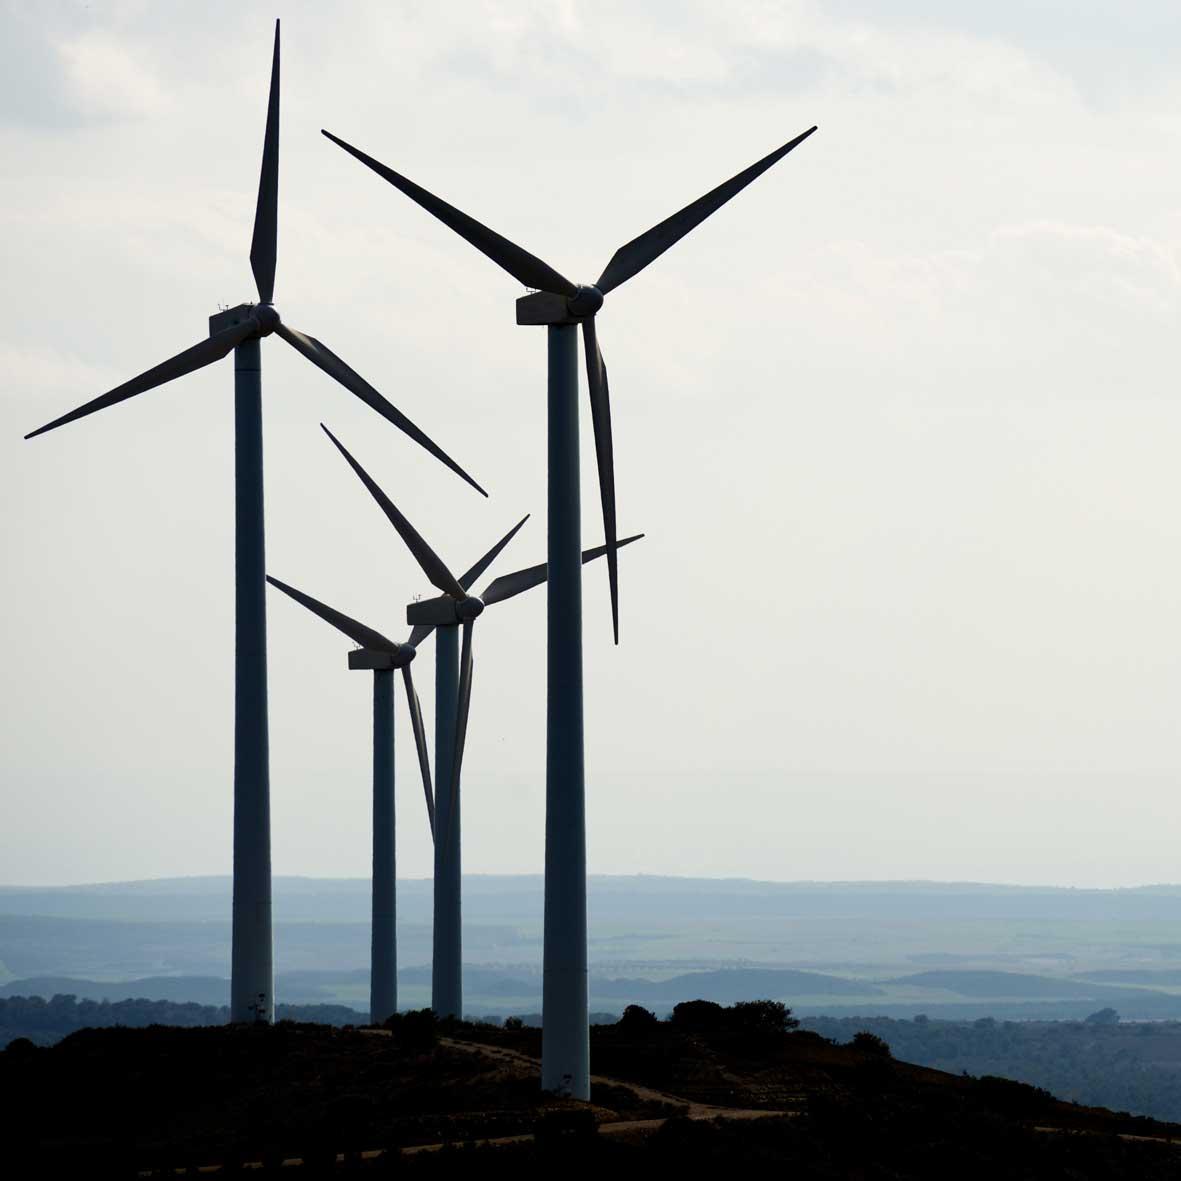 Windmills skies